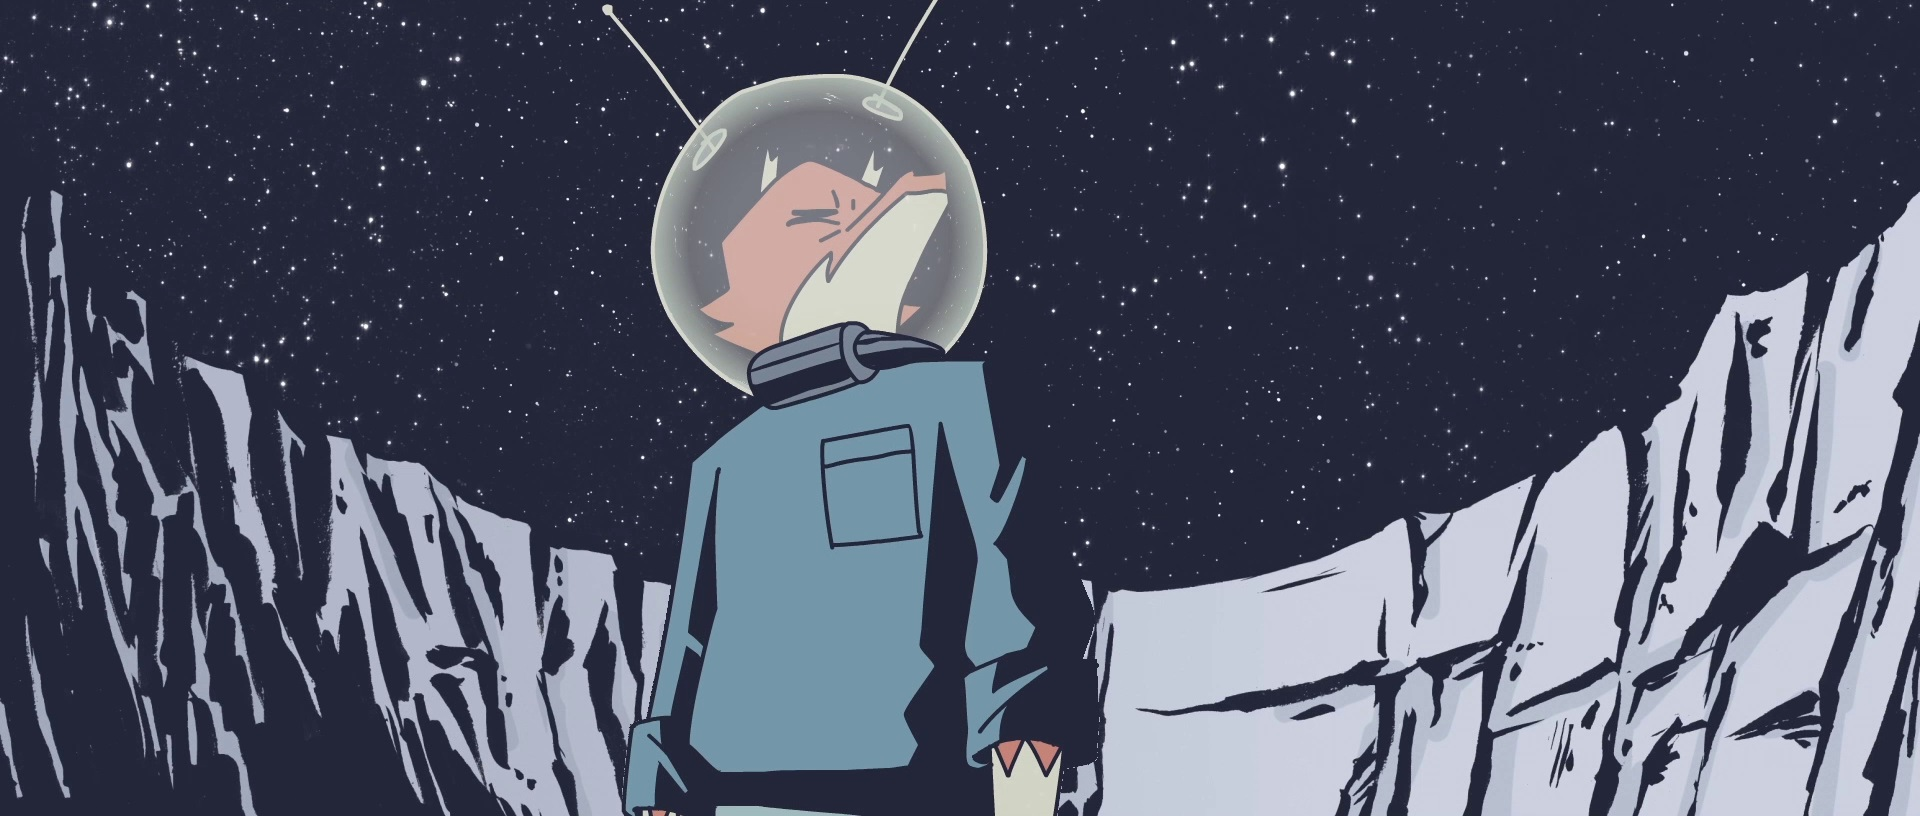 felvideki_miklos_fly_me_to_the_moon.jpg